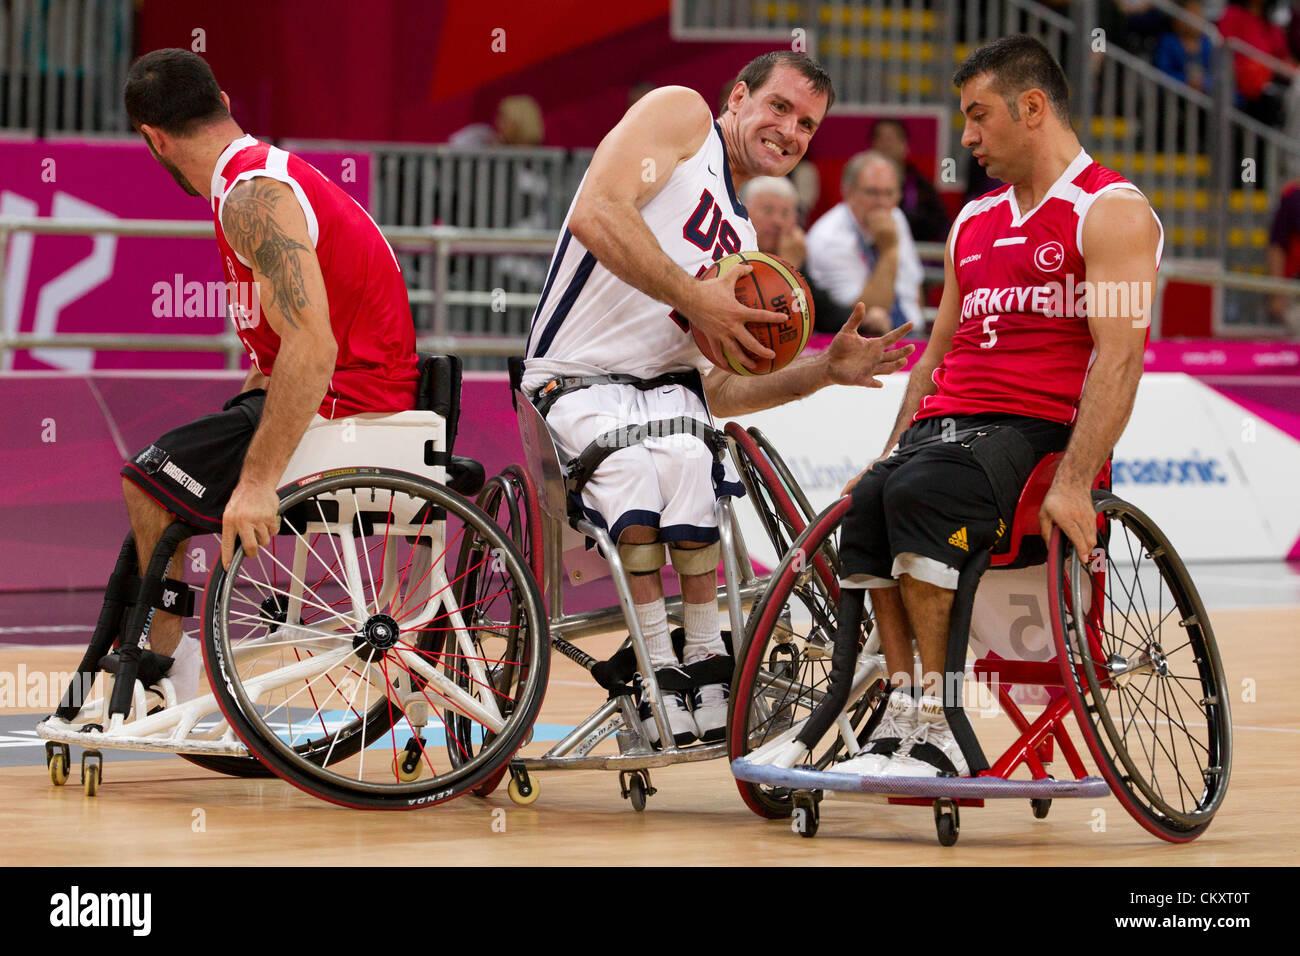 USA Joshua Turek comprime entre dos turcas durante el baloncesto en silla de ruedas en los Juegos Paralímpicos Imagen De Stock